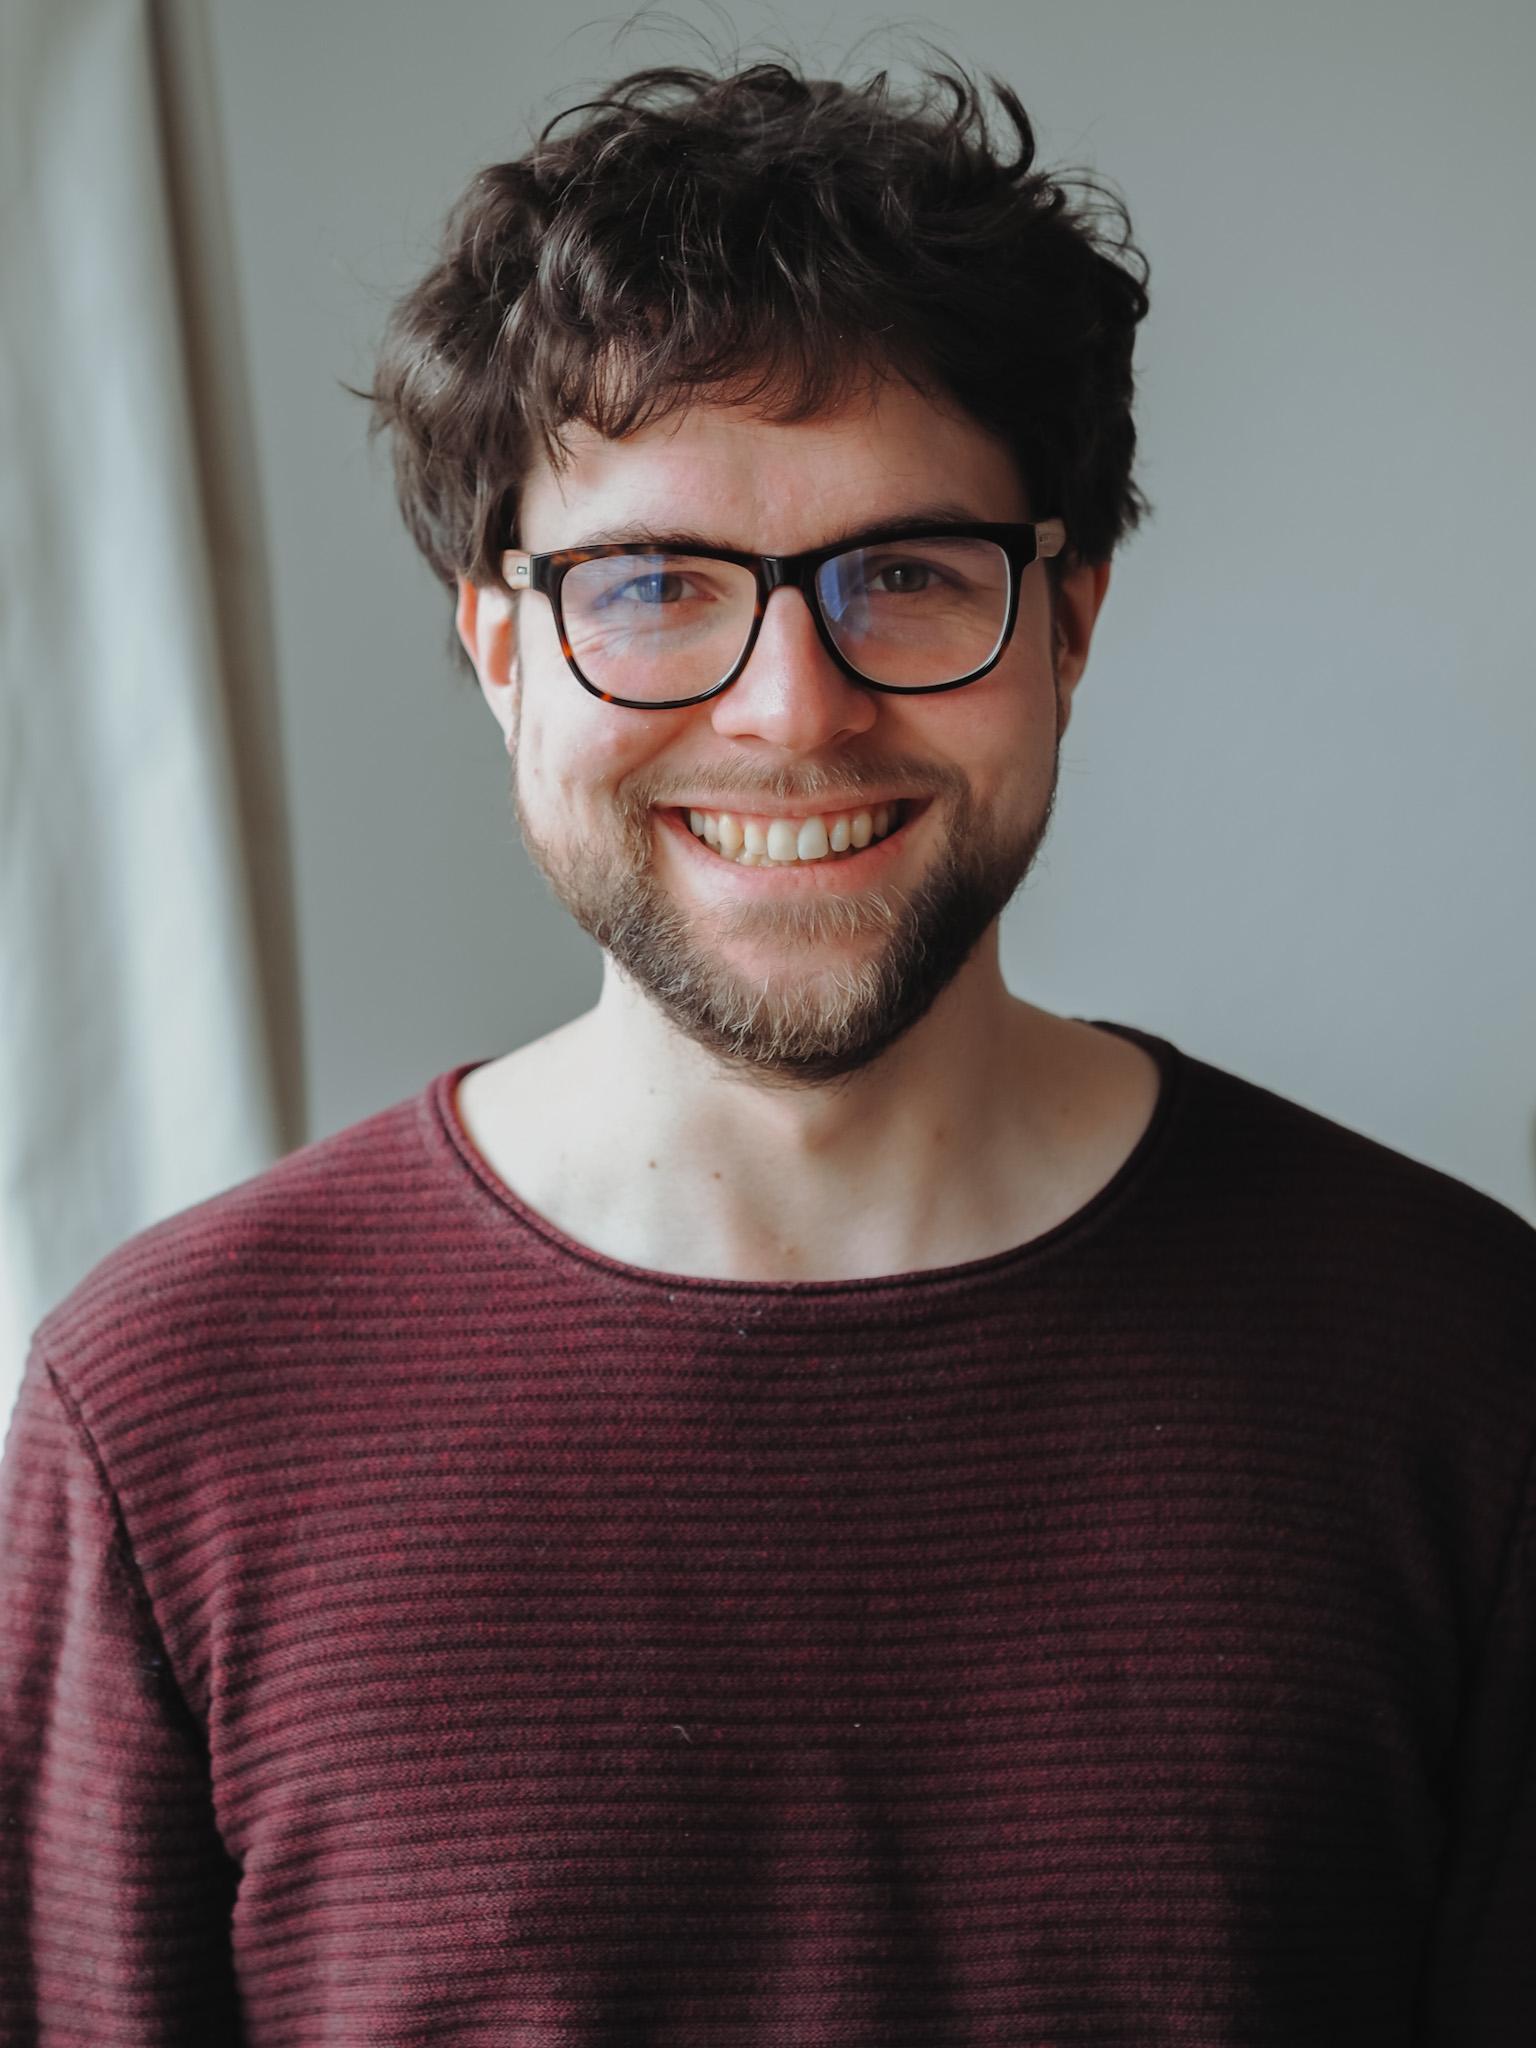 Portrait von Philipp, der in die Kamera lächelt